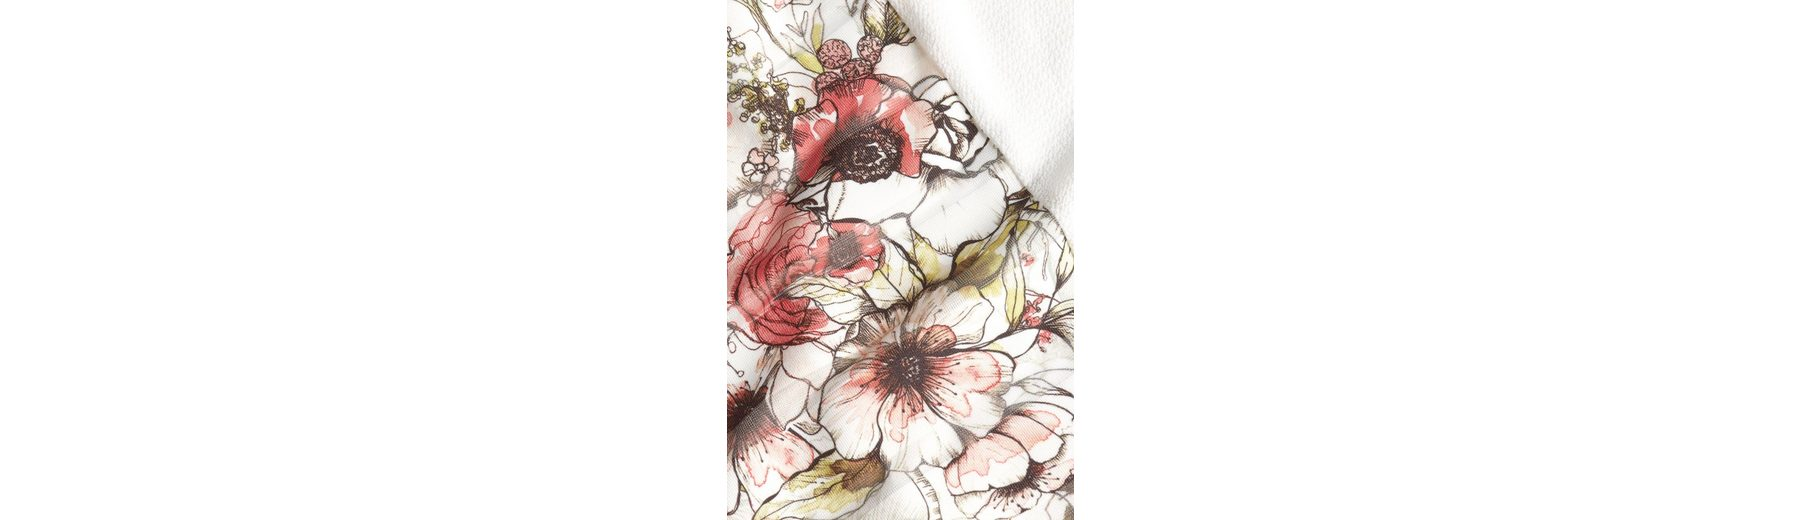 Florales T Next Florales Shirt Bahnenoptik T Next in fwxtIqOq